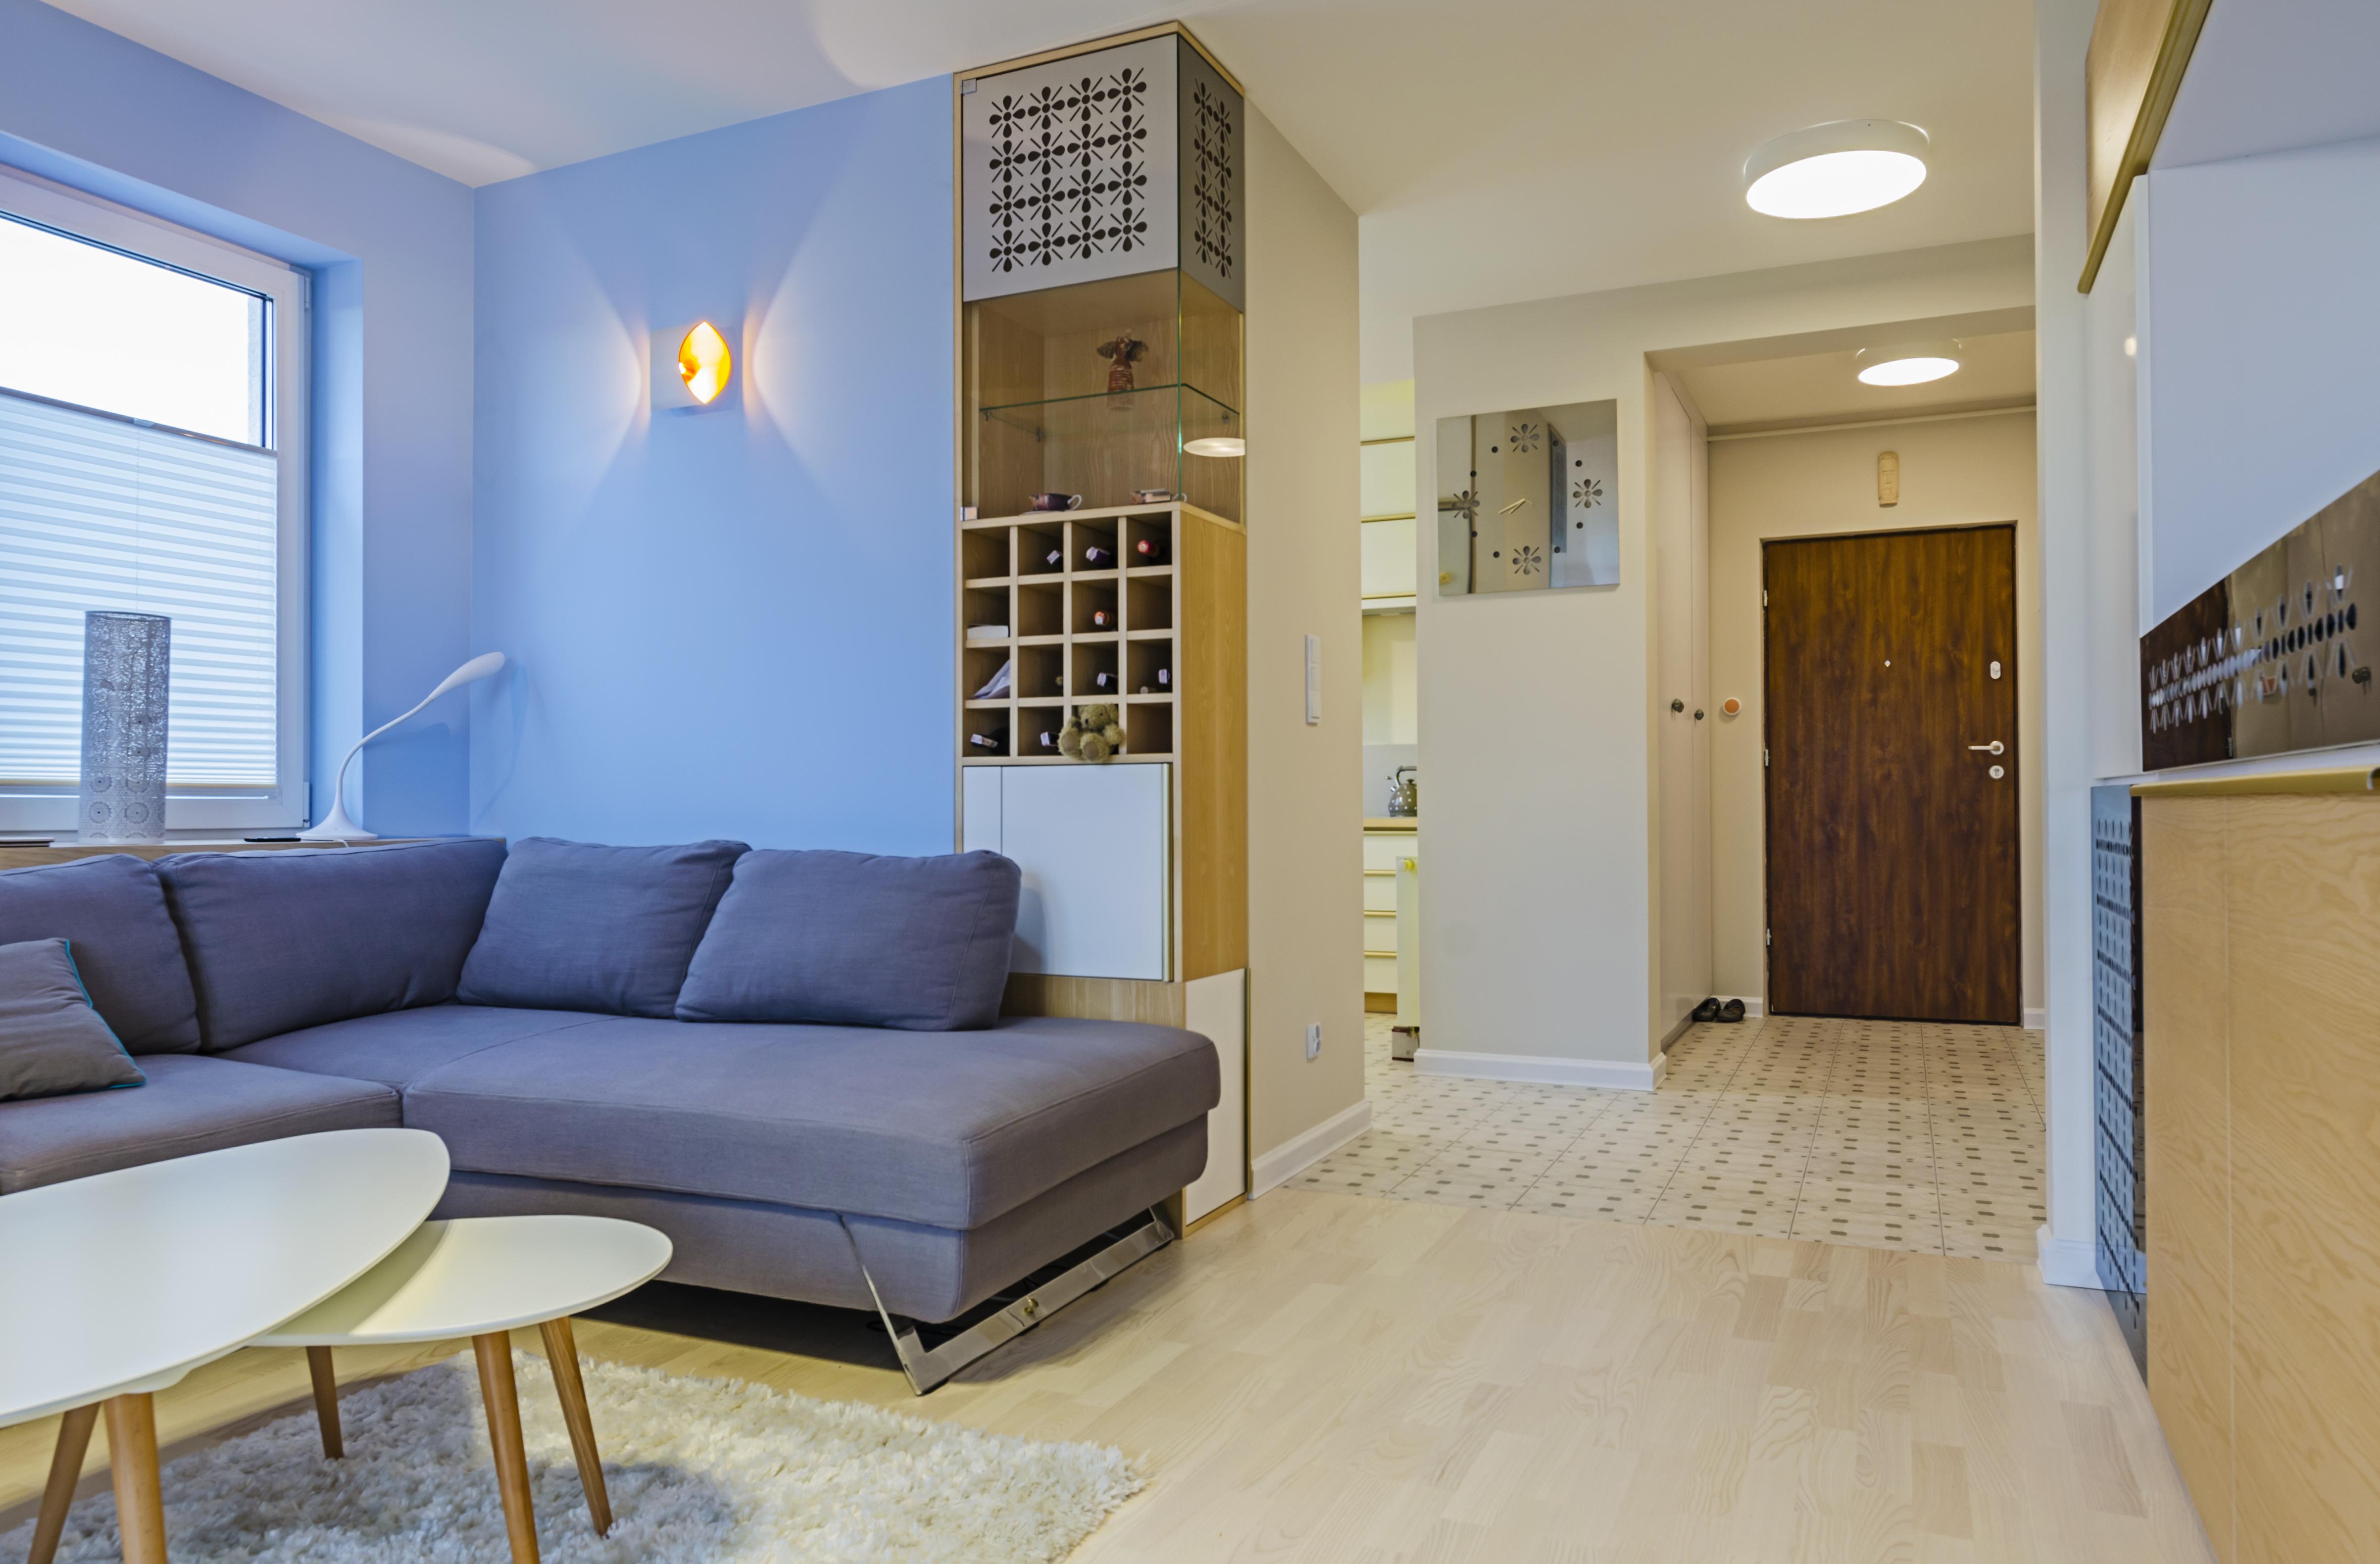 hol, złoto i srebro, portfolio, laurowa, mieszkanie, projektowanie wnętrz, łazienka